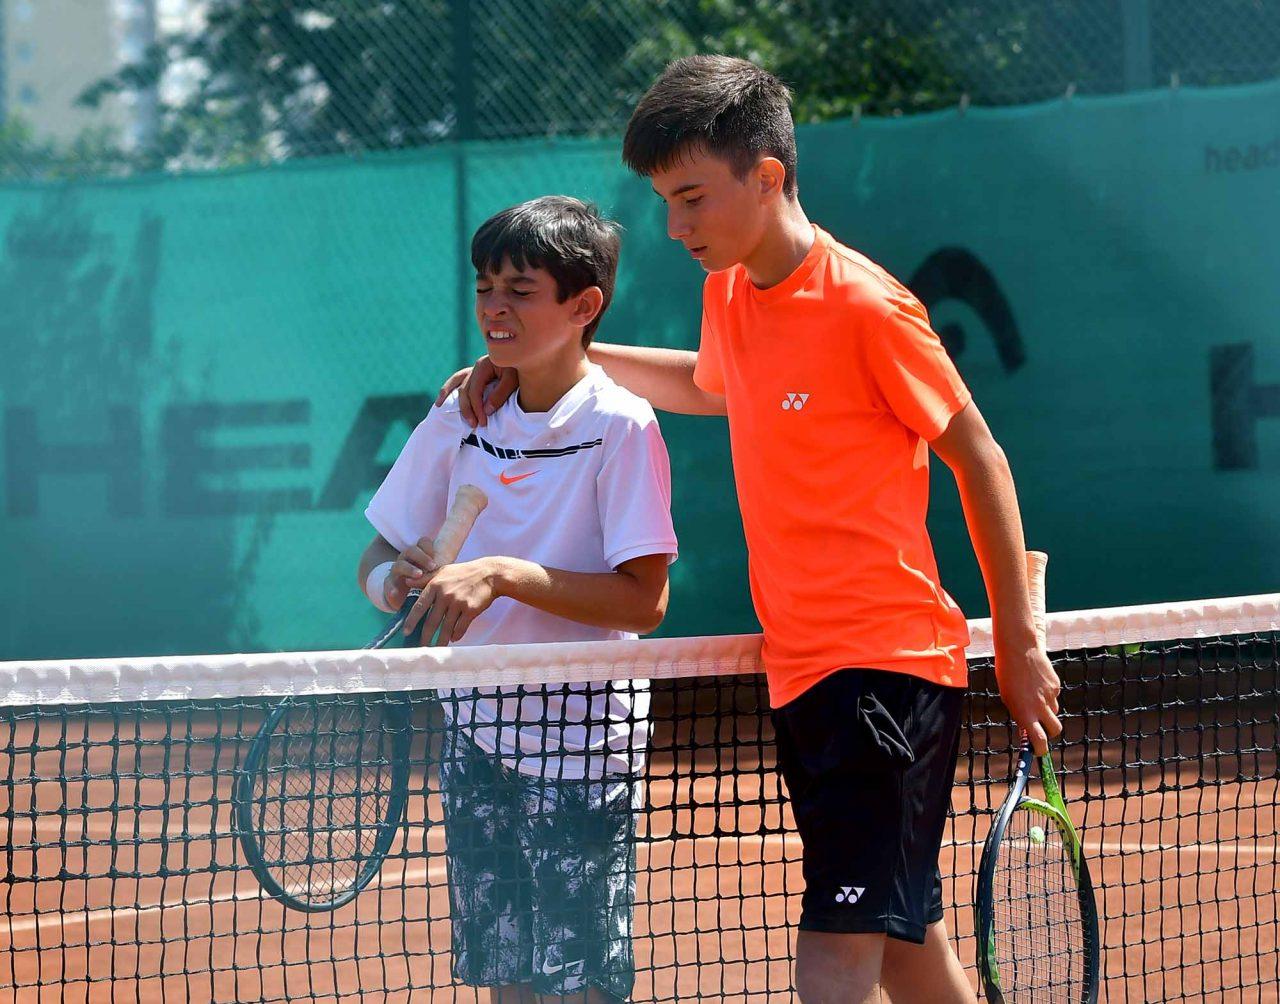 Държавно първенство тенис до 14 год. ТК 15-40 финал (34)